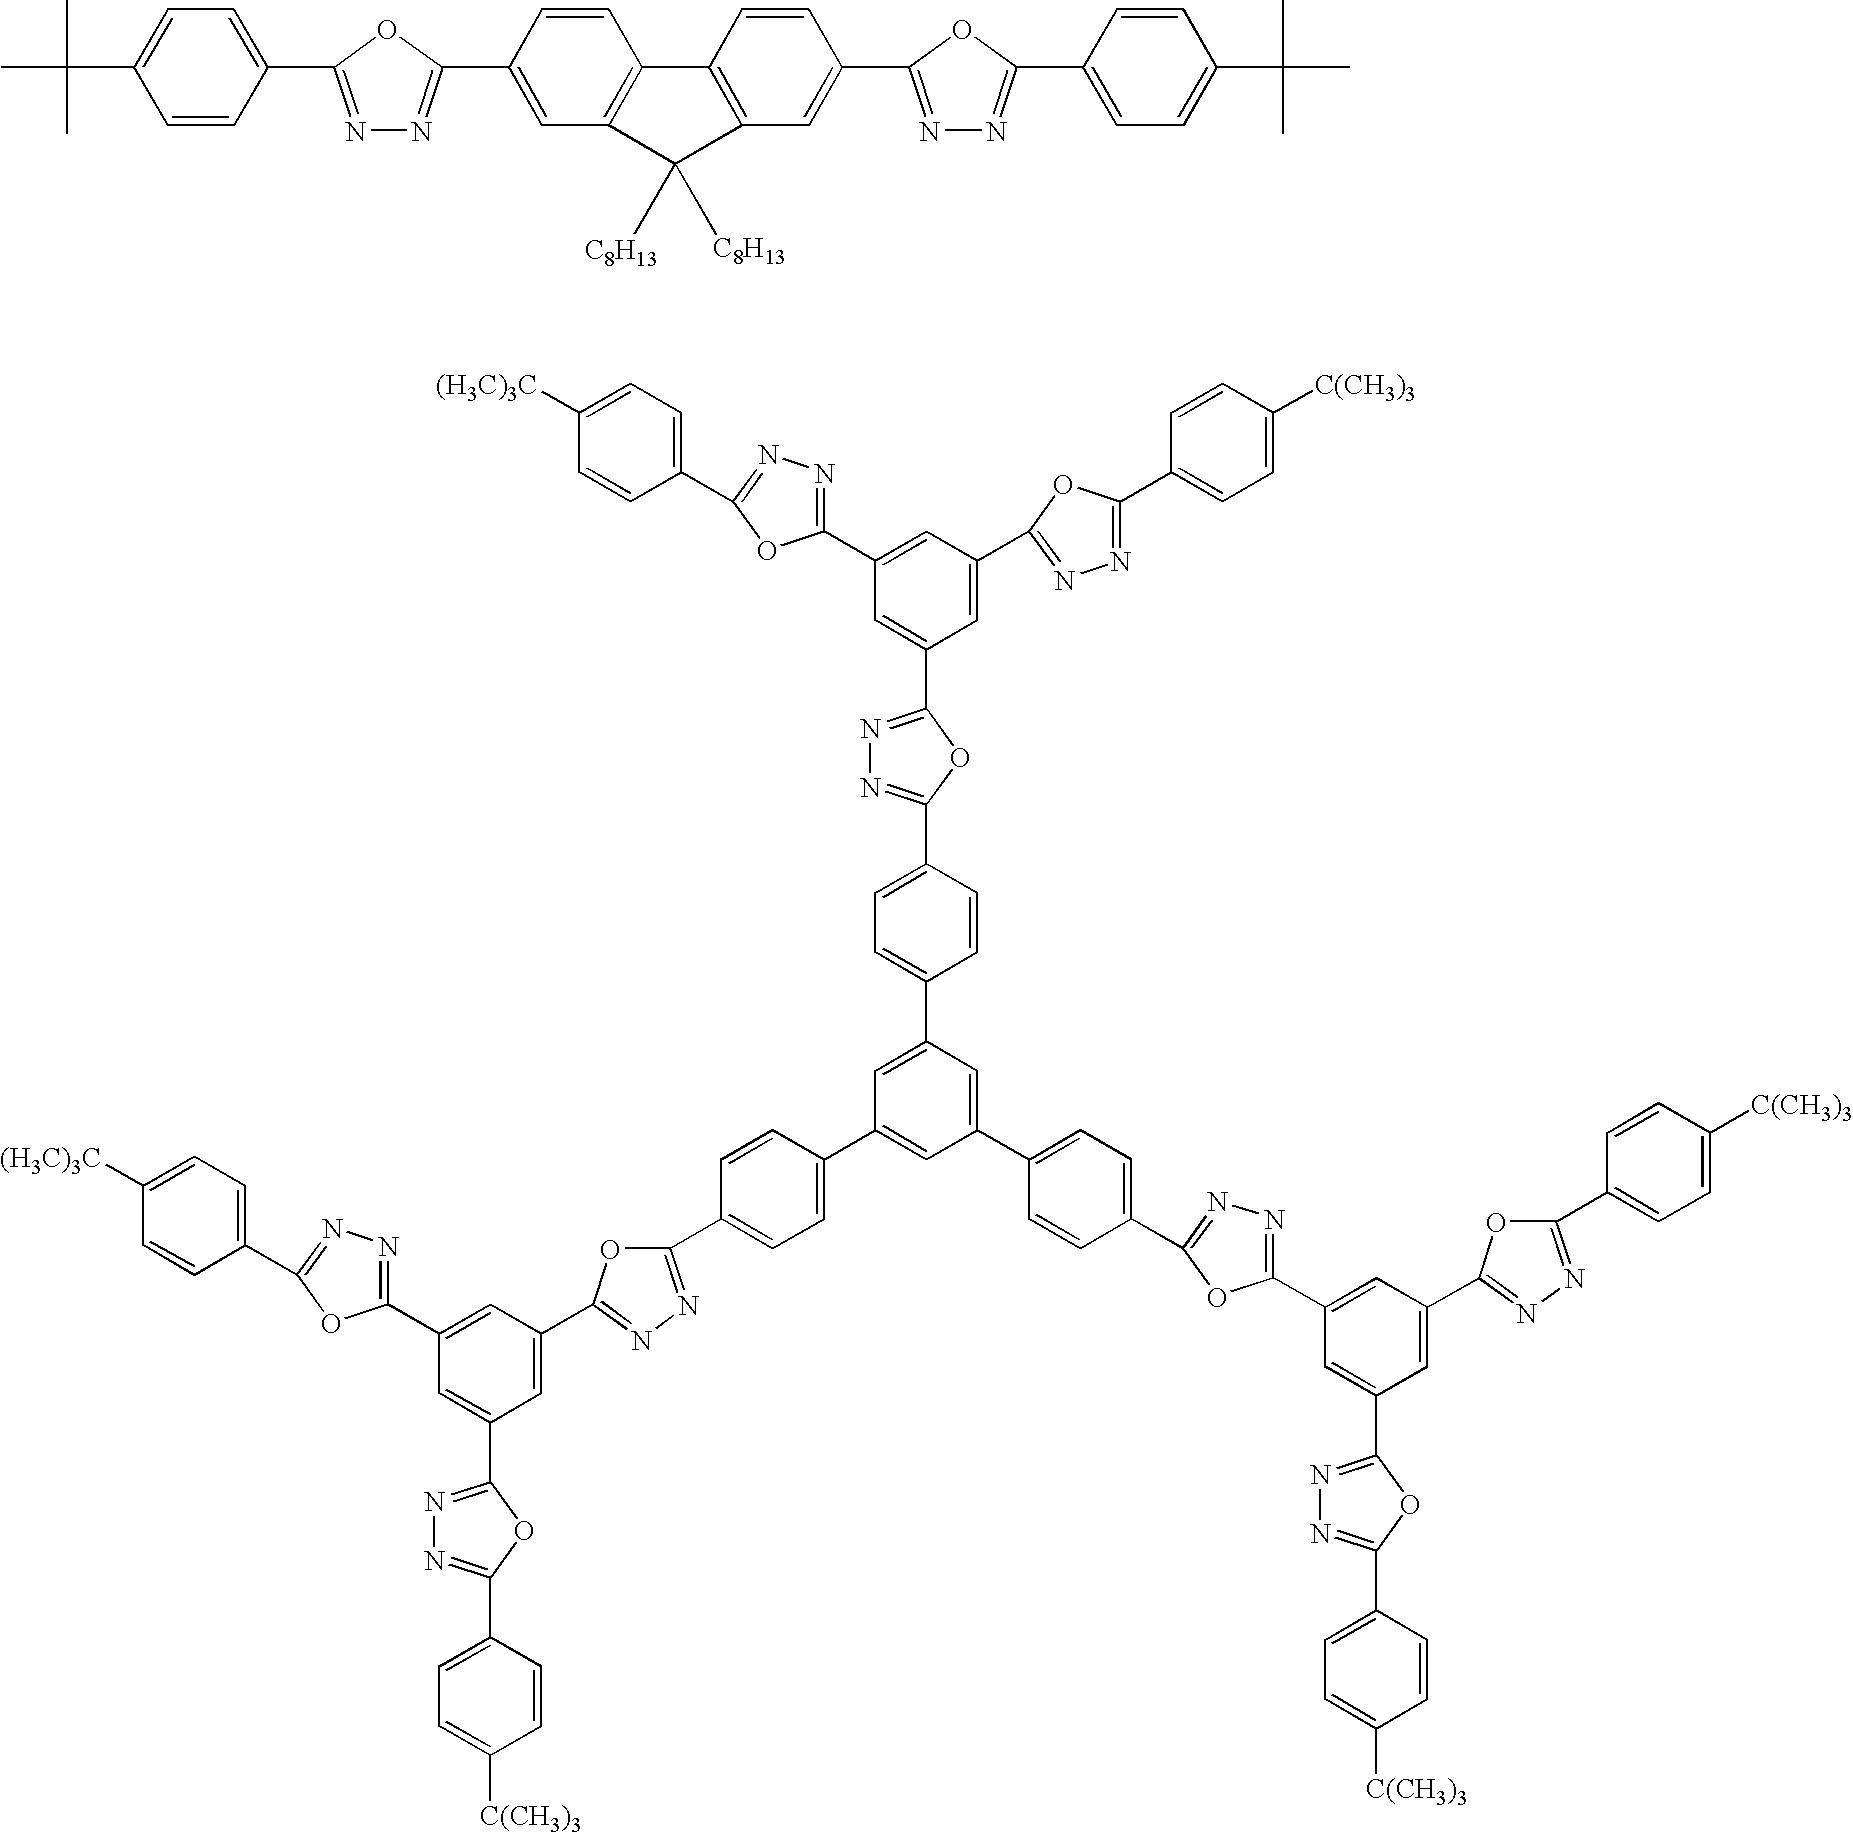 Figure US20090246664A1-20091001-C00024